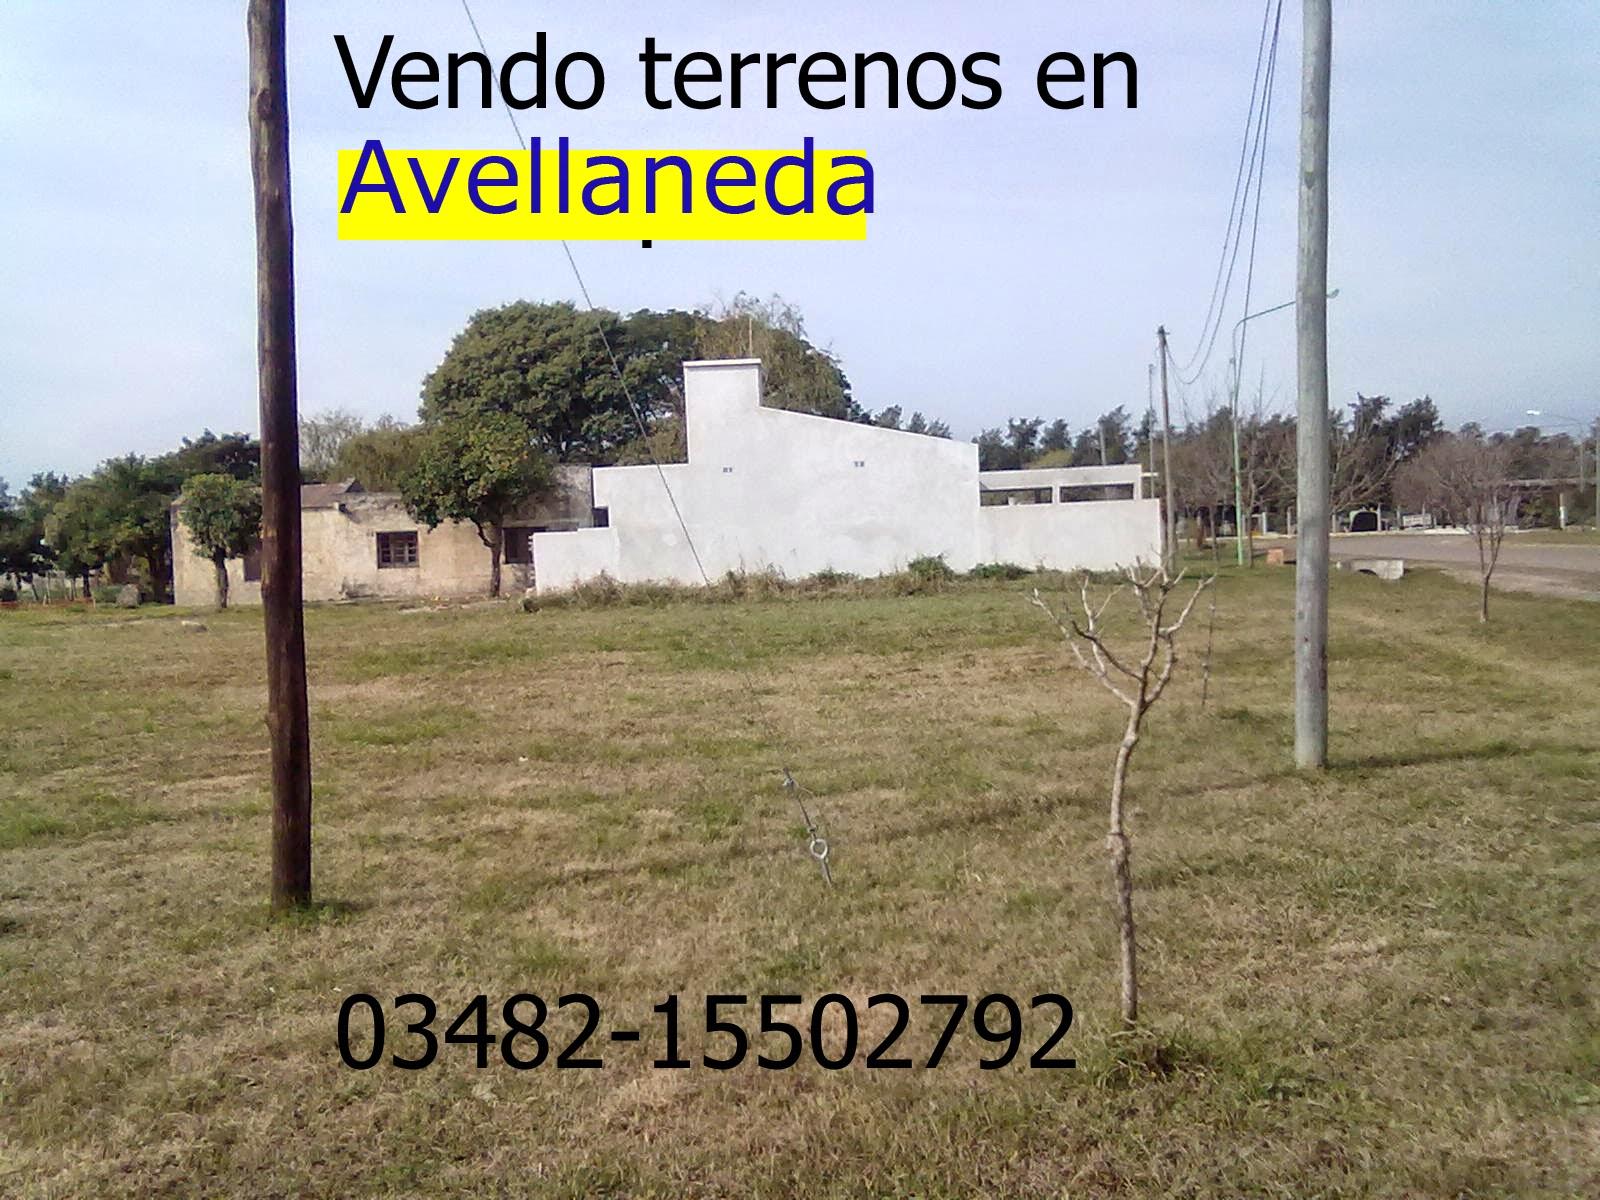 Vendo terreno en Avellaneda, Santa Fe